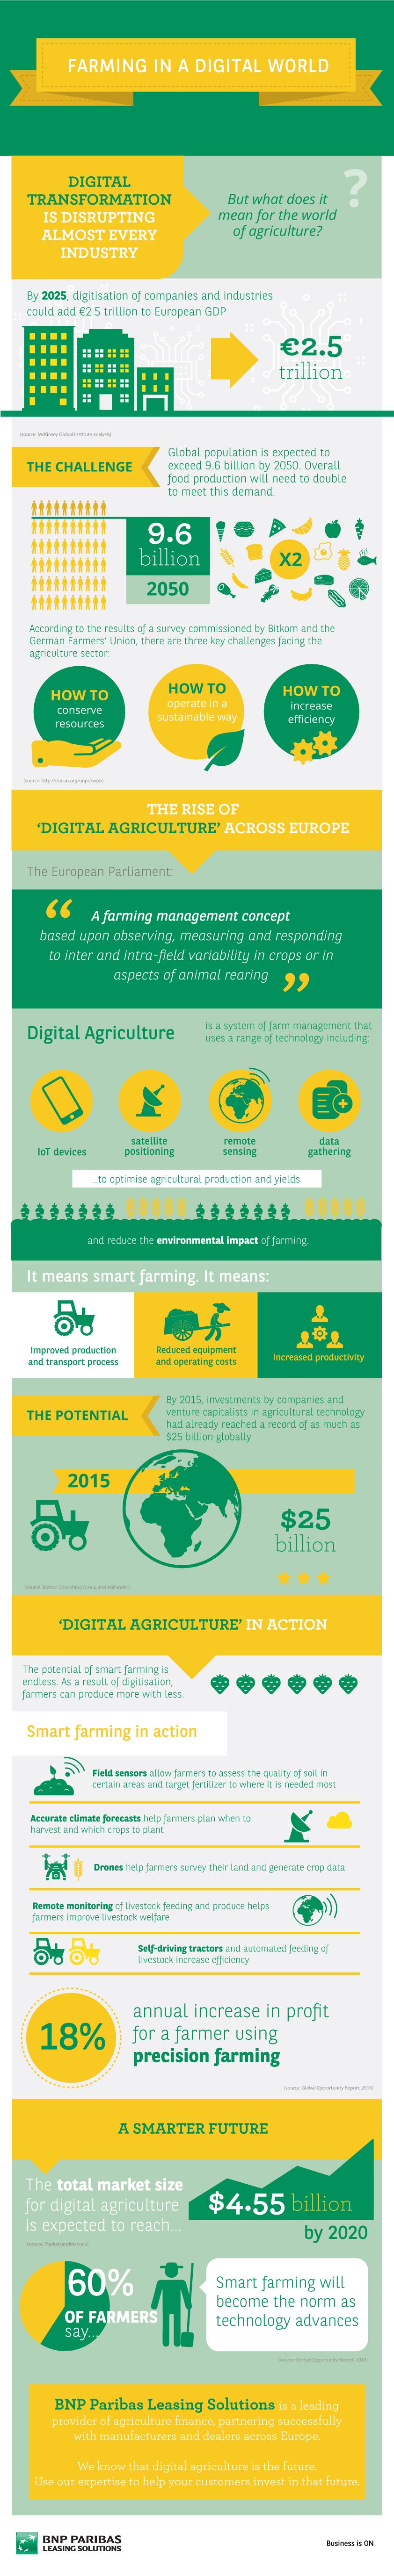 Farming in a digital world